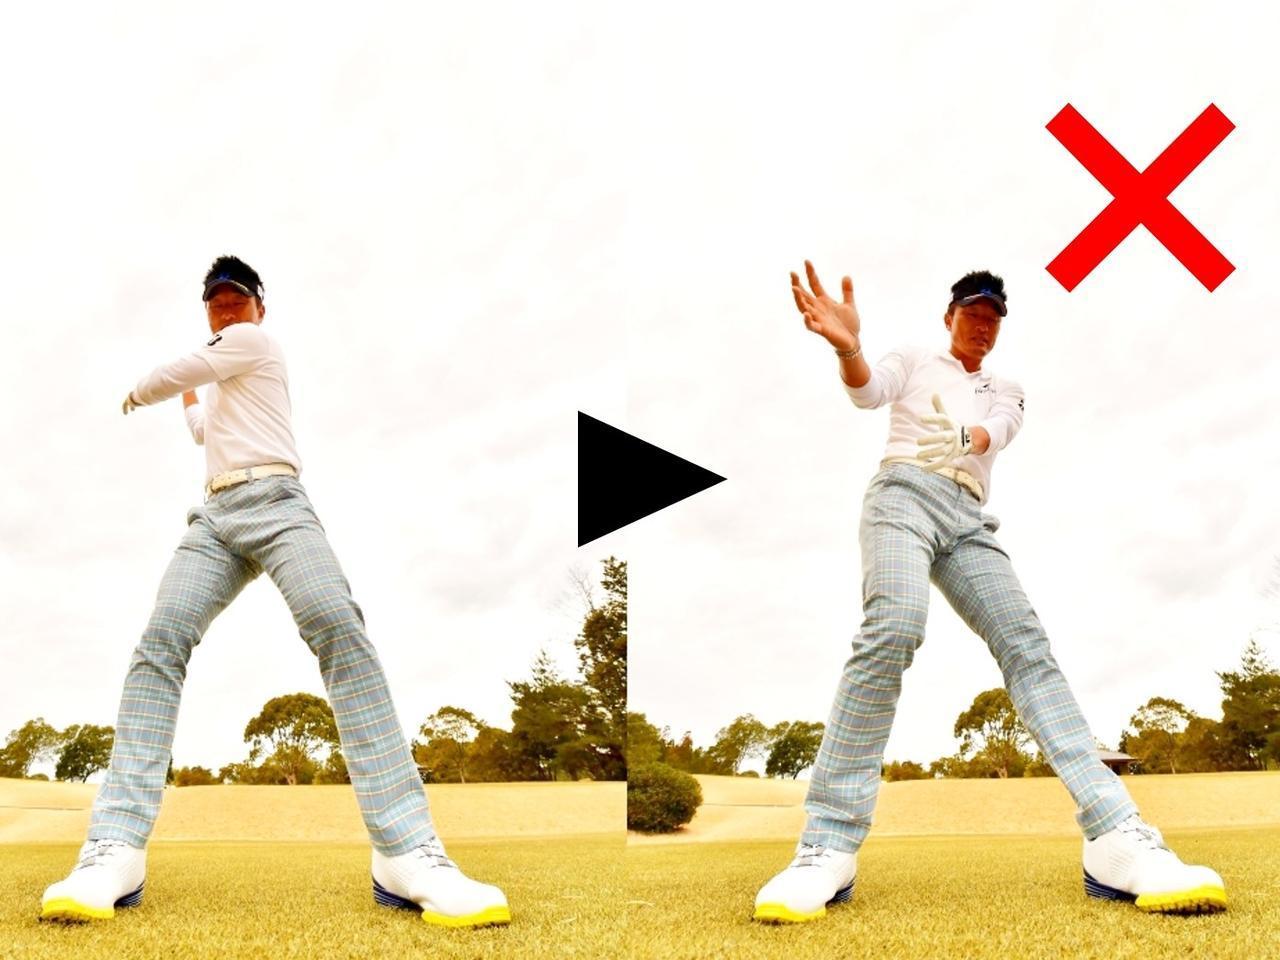 画像2: いきなり腰を切る「下半身リード」では意味がない